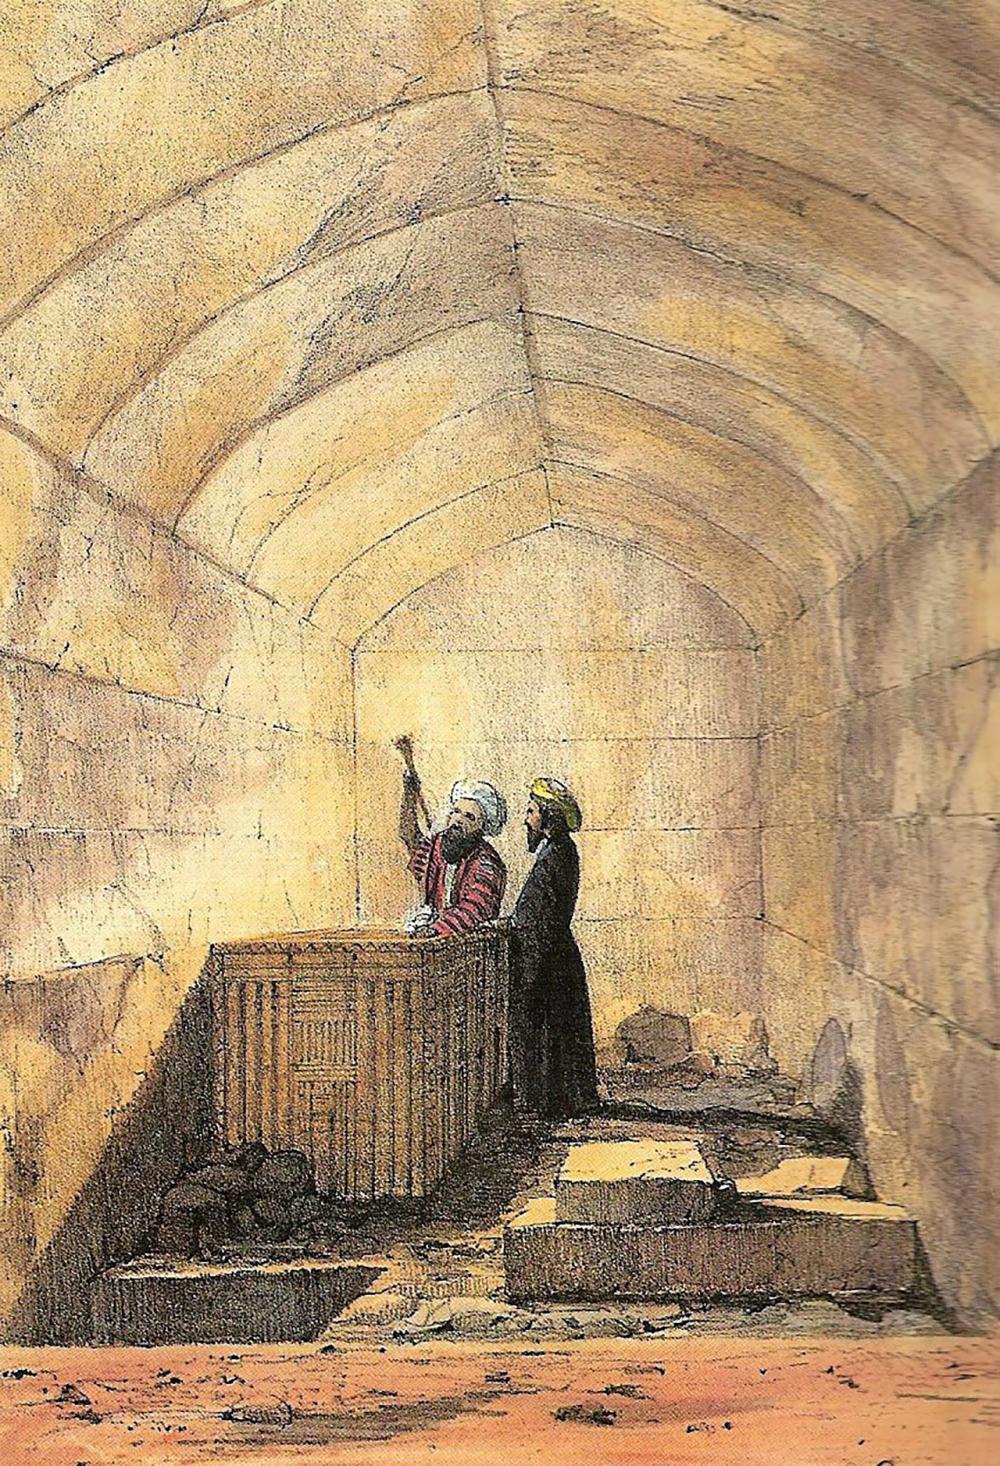 ห้องฝังศพของฟาโรห์เมนคาอูเร ปัจจุบันโลงศพในภาพจมอยู่ใต้ก้นทะเลพร้อมเรือเบียทริซ.